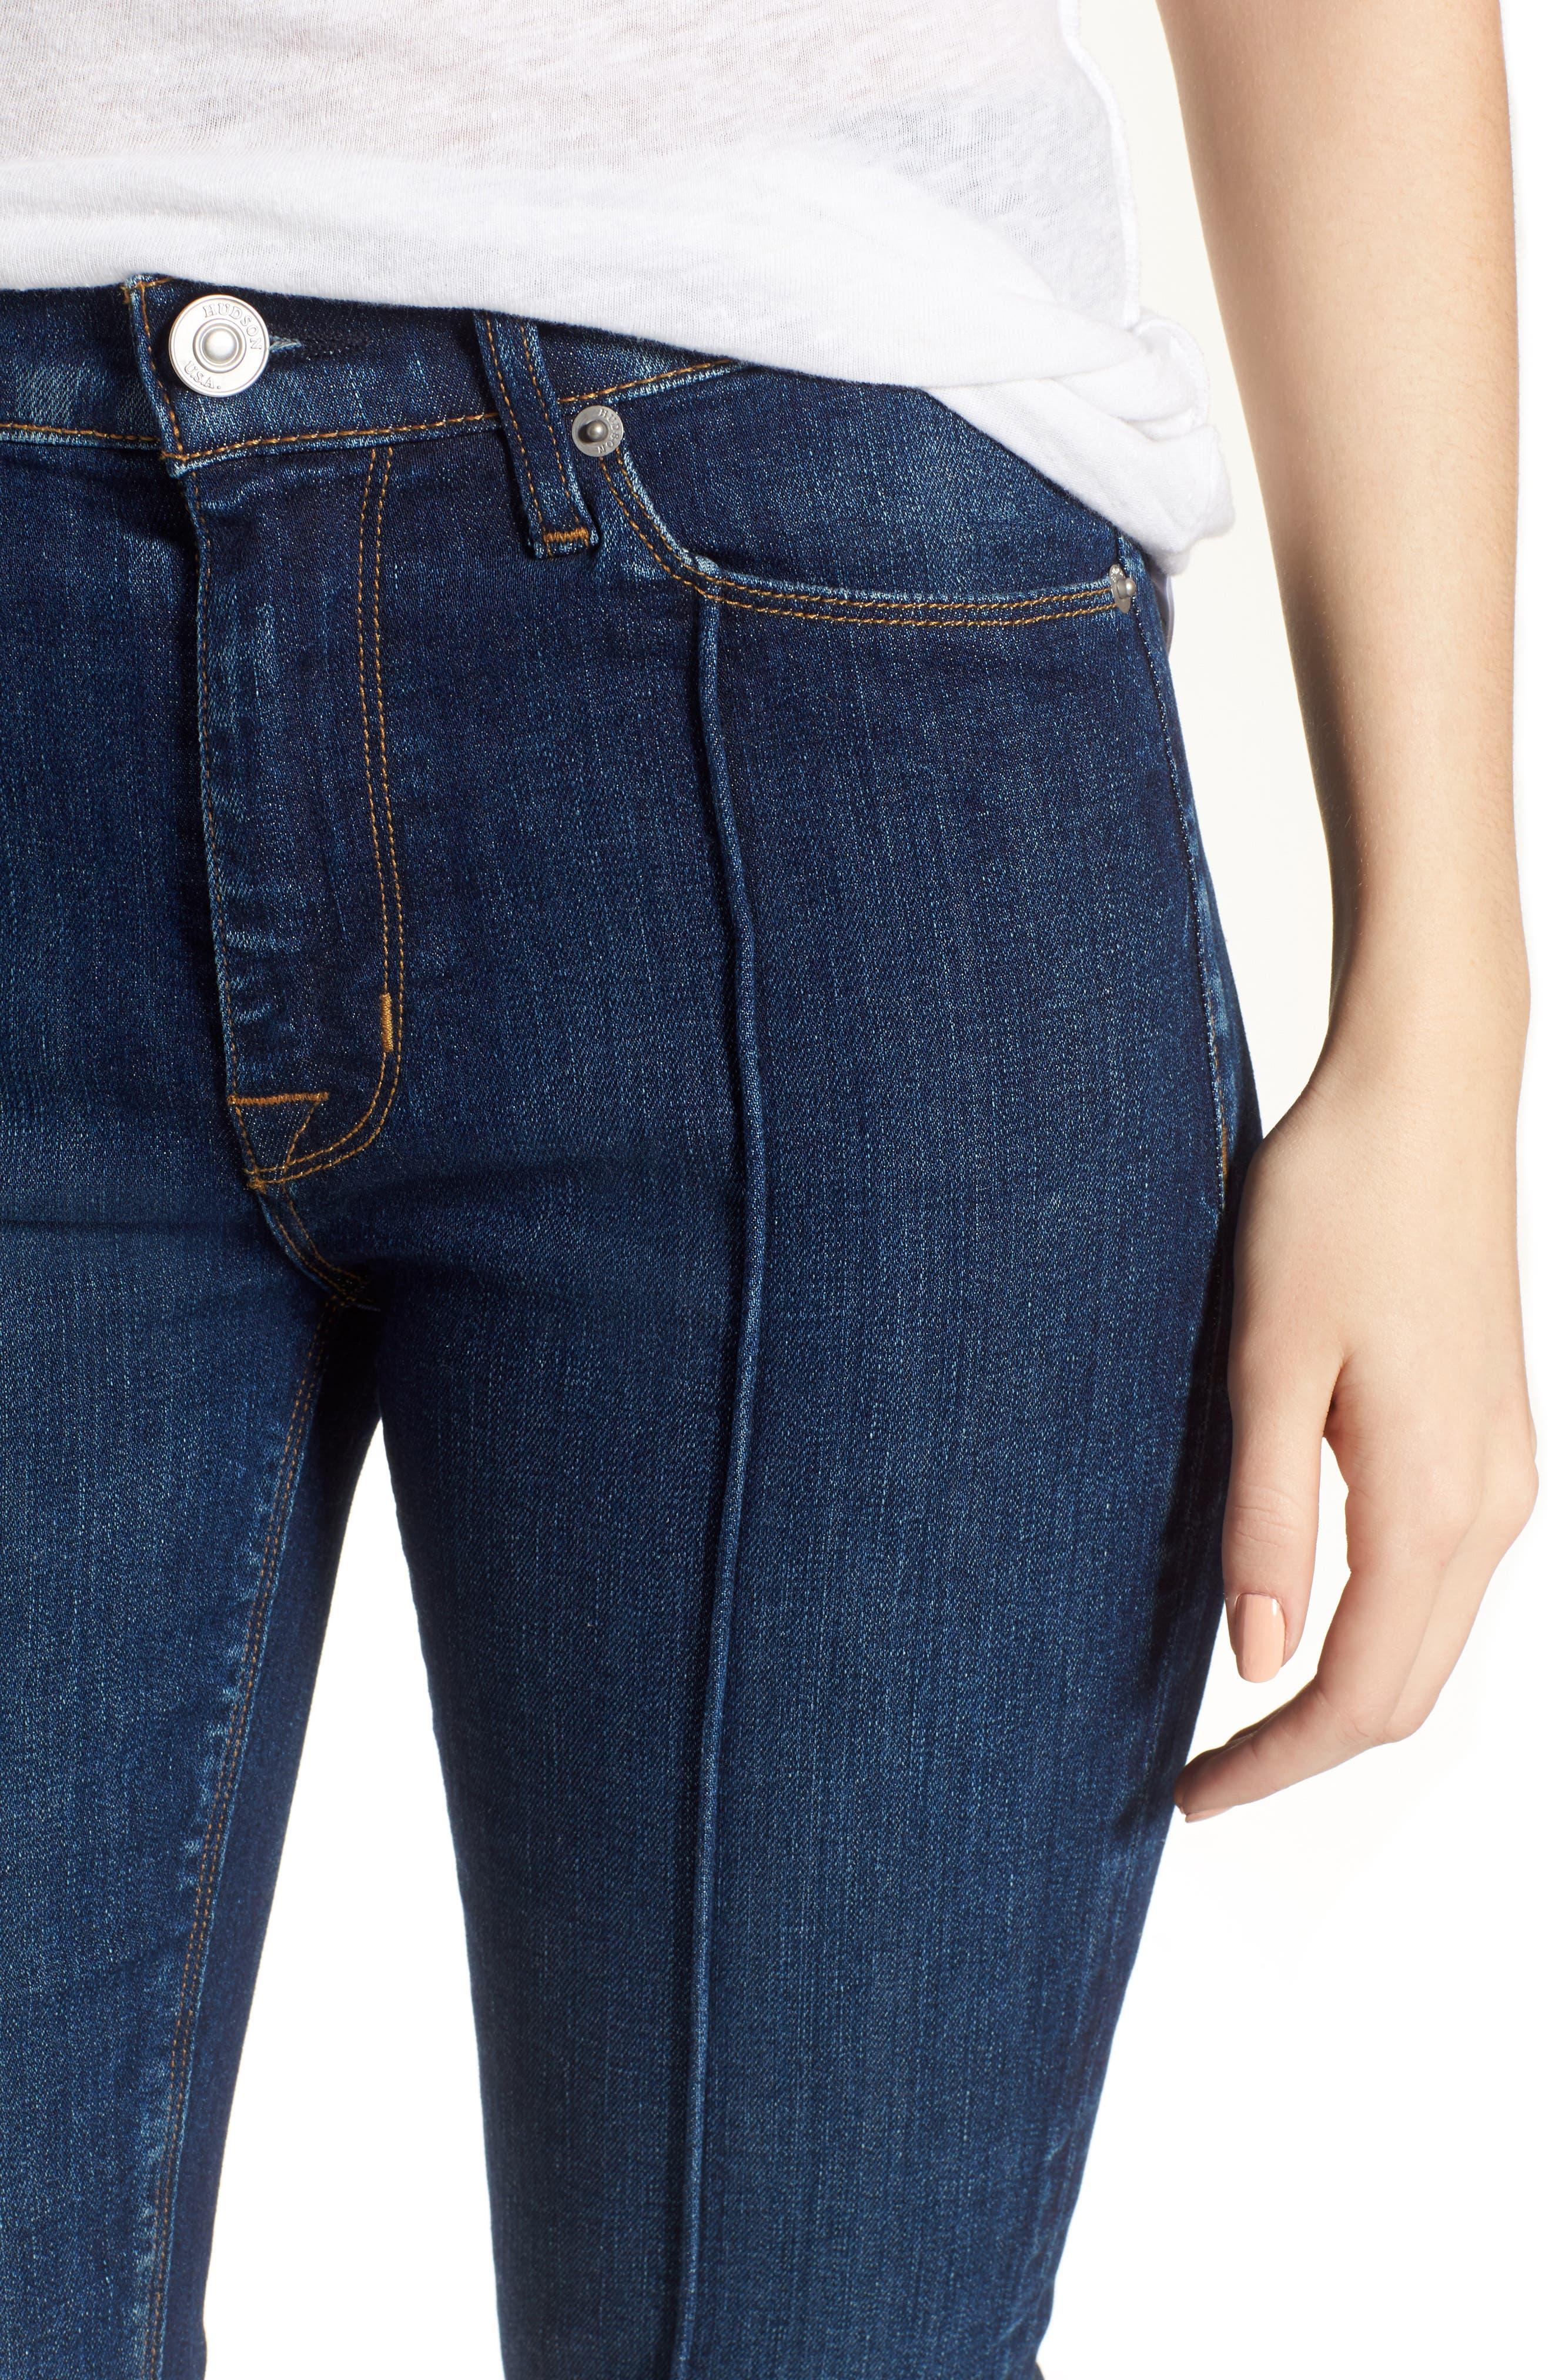 Barbara Pintuck Super Skinny Jeans,                             Alternate thumbnail 4, color,                             401